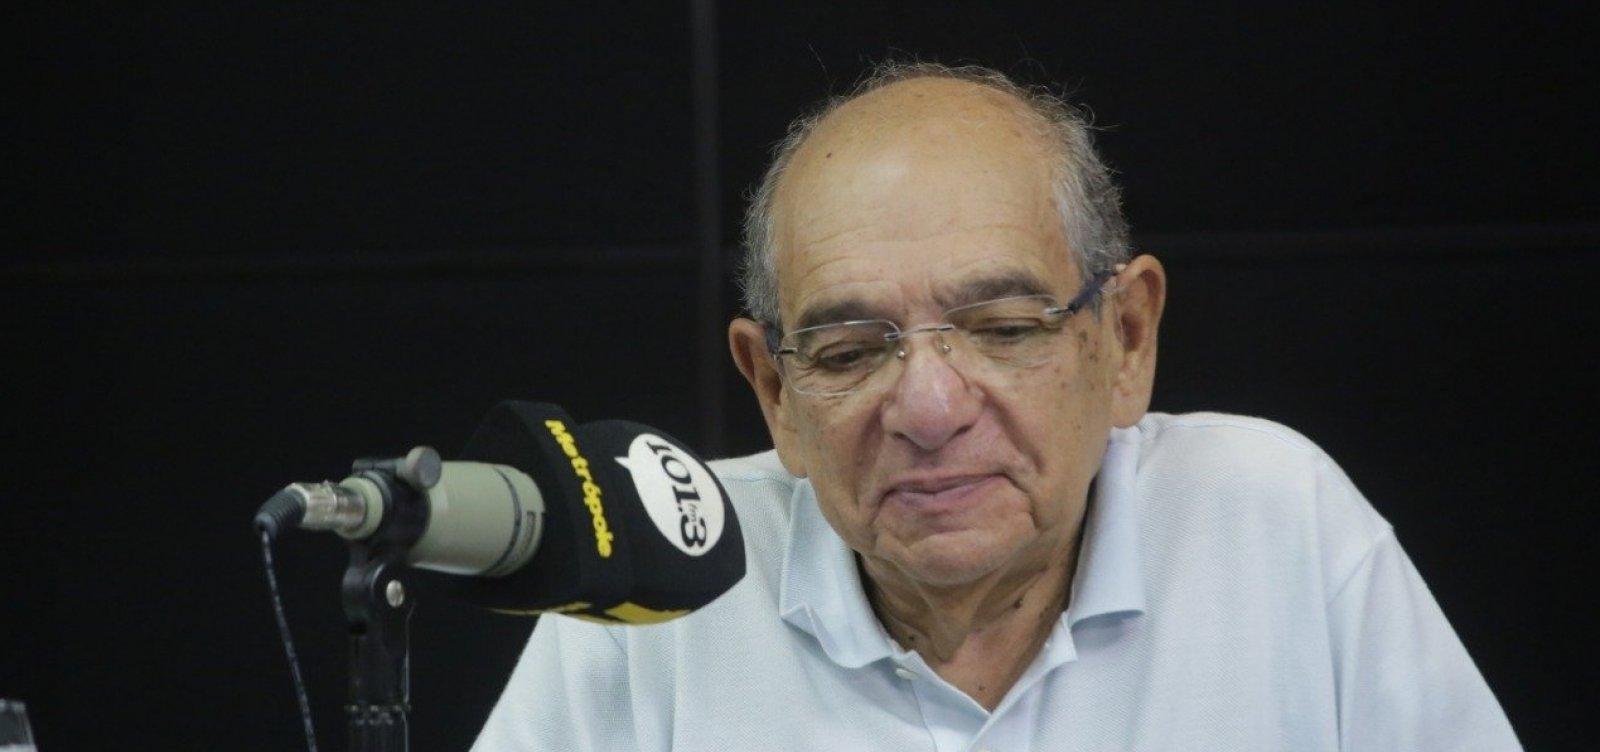 [Joca Teixeira foi um 'batalhador pela liberdade da imprensa', diz MK; ouça]